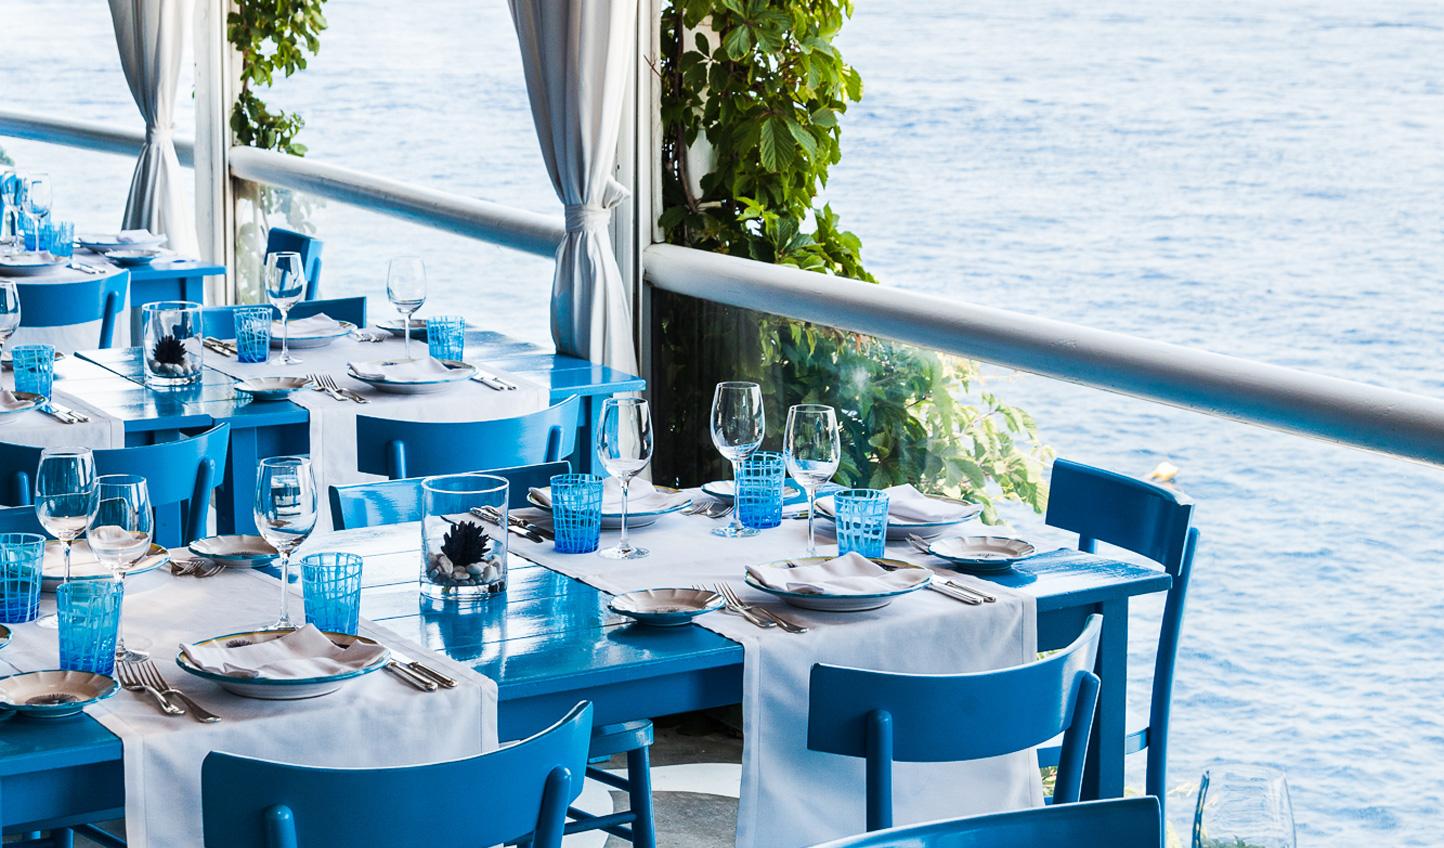 One Michelin star restaurant- Il Riccio